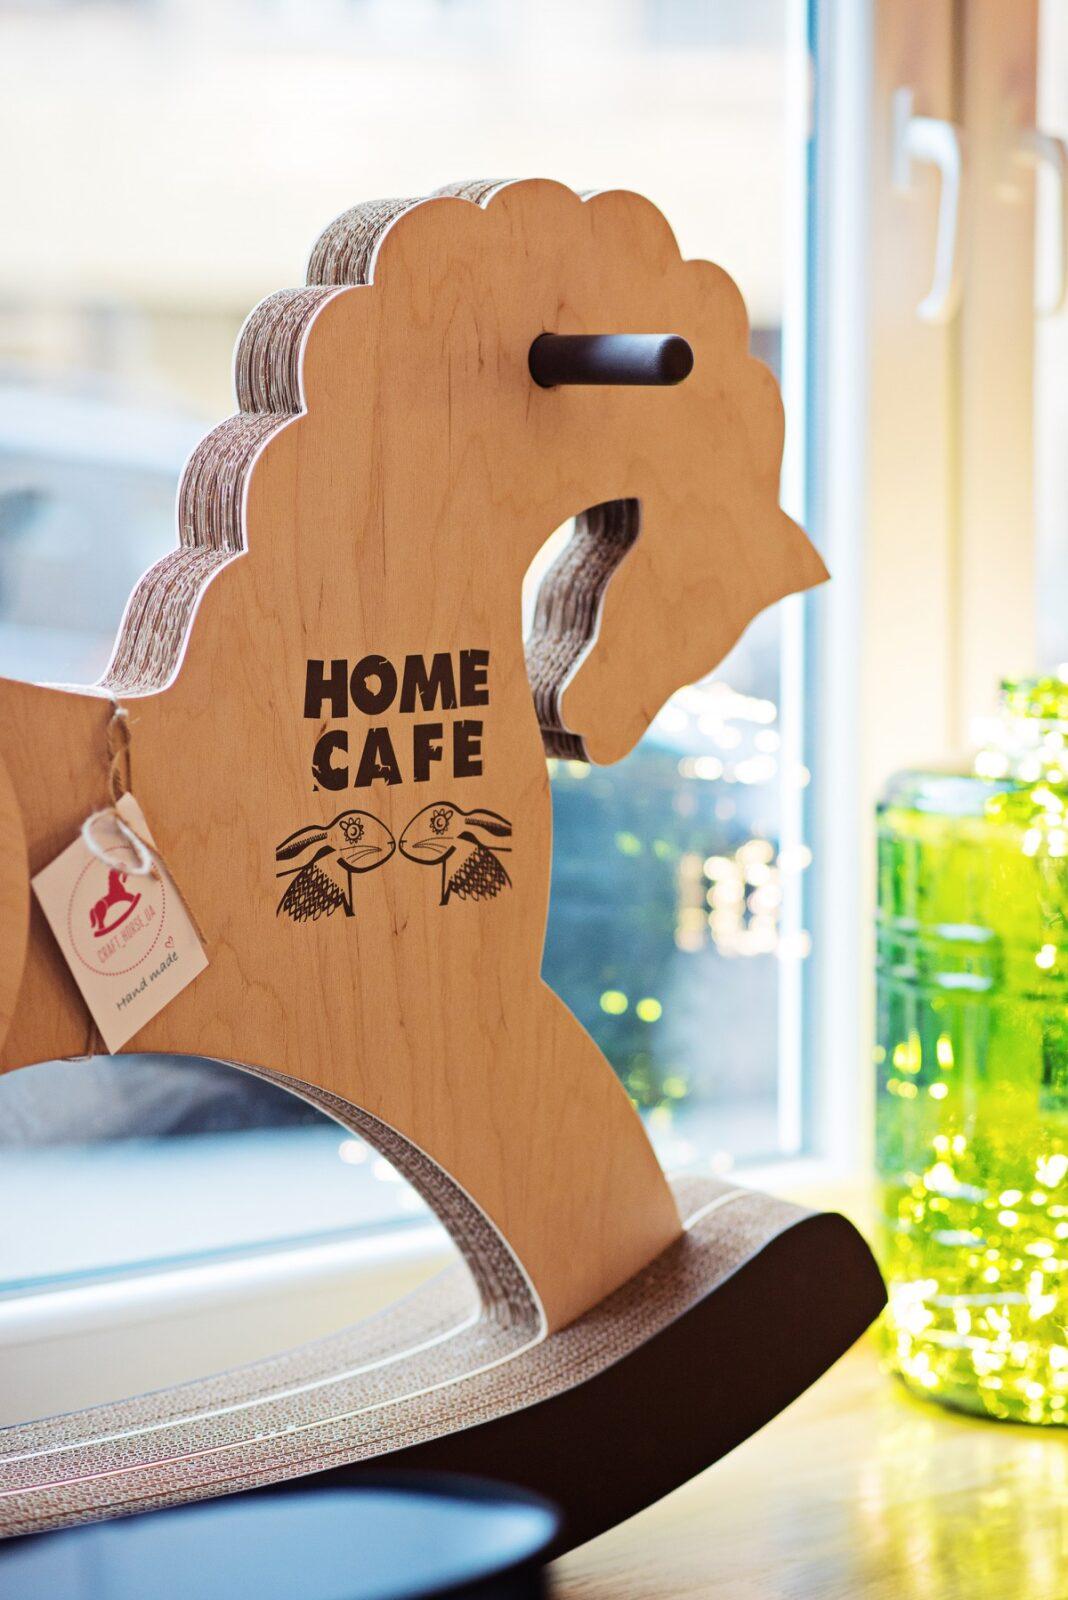 Home Cafe Киев